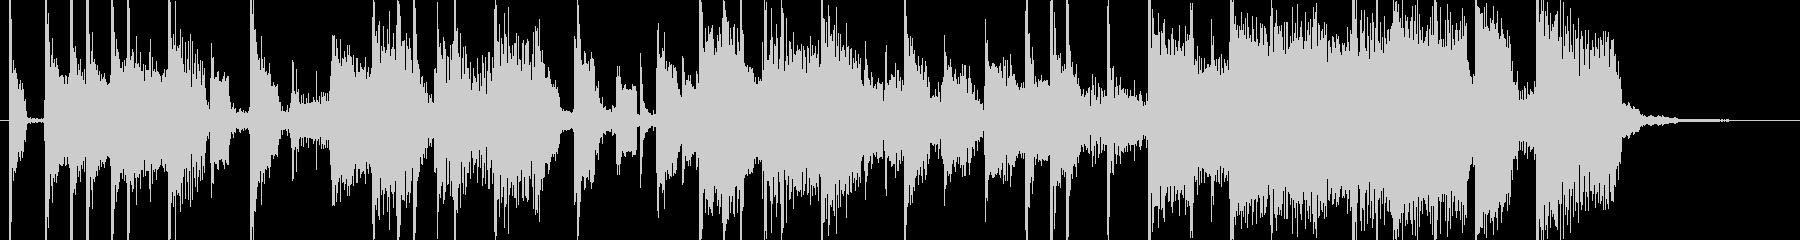 コーナータイトル_ファンクロックの未再生の波形